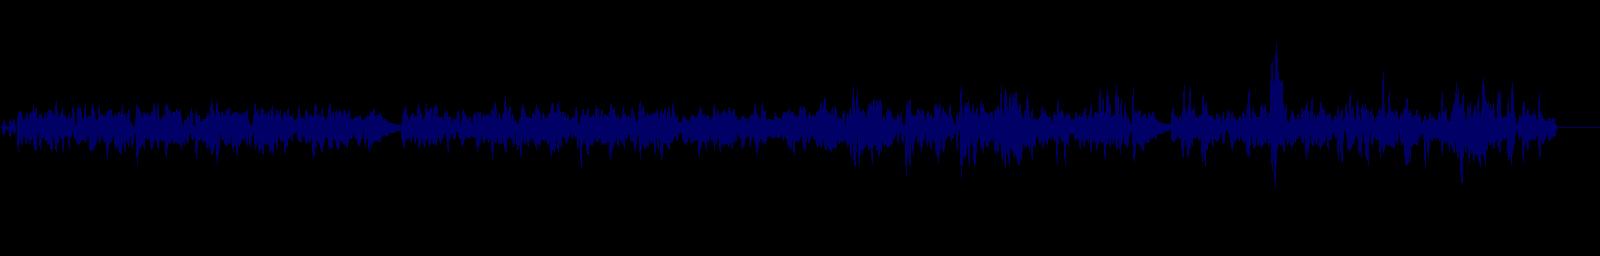 waveform of track #97026